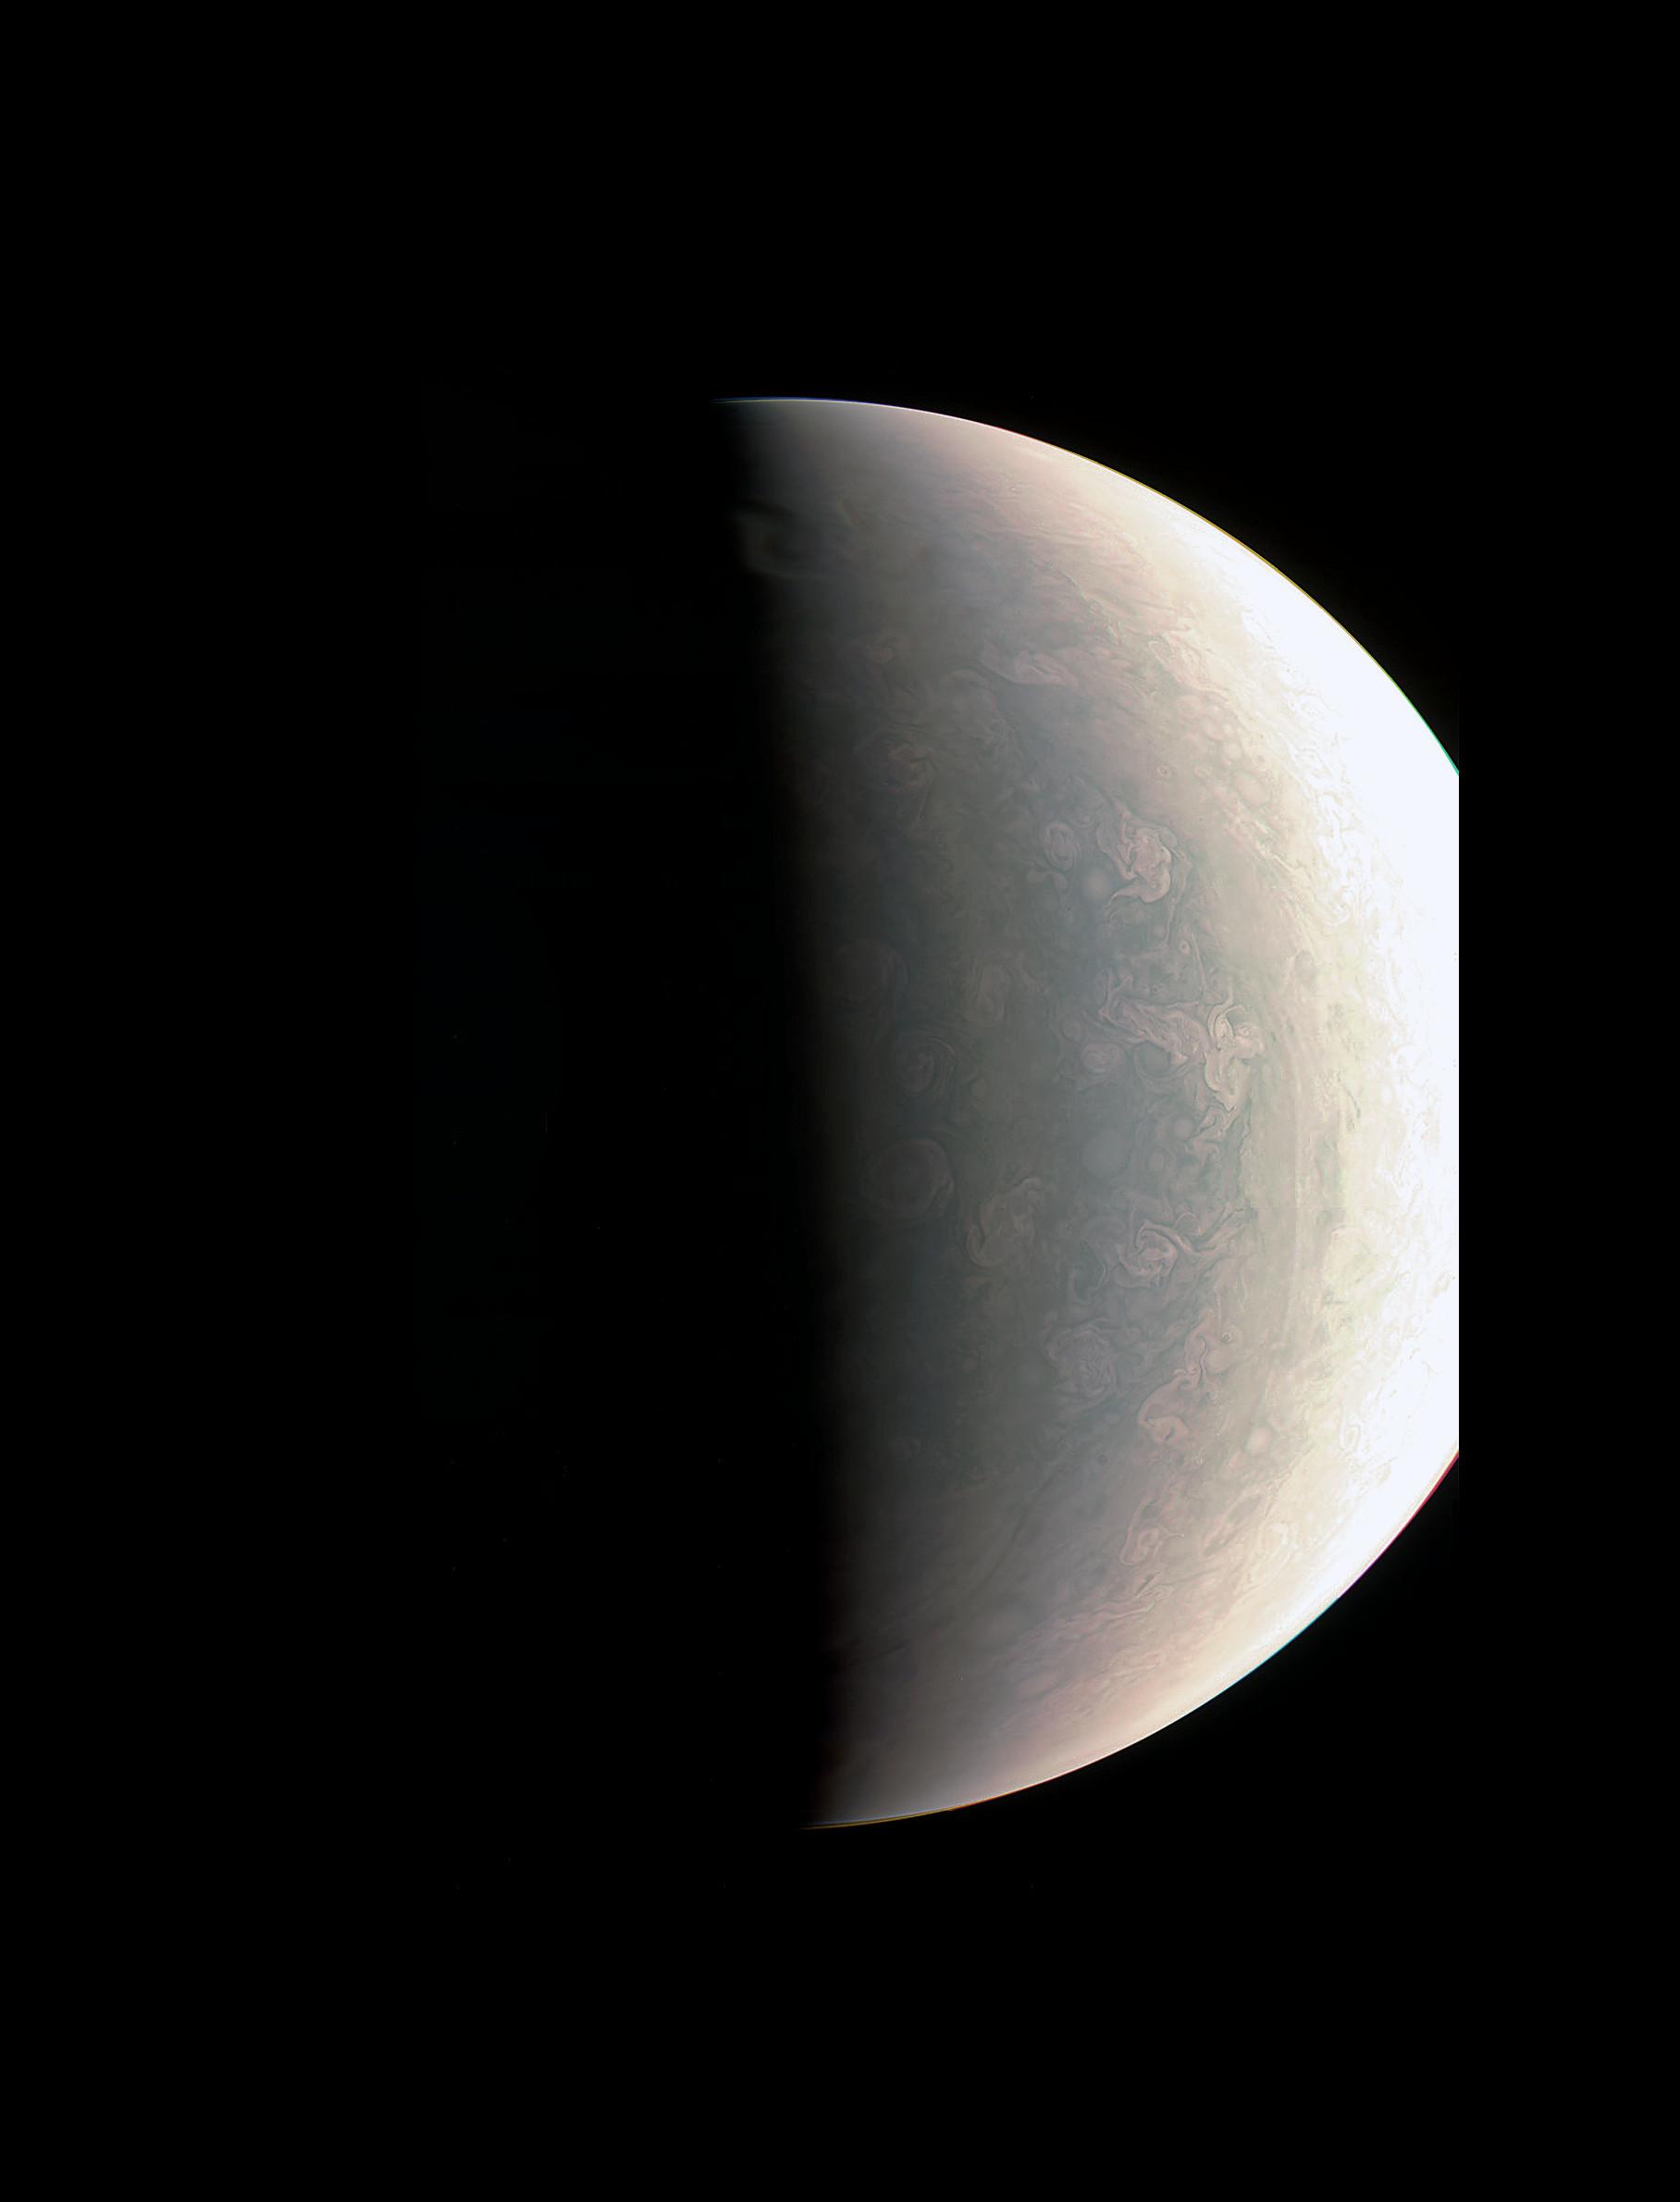 木星北極比其他地域還藍(圖/翻攝於NASA官網) 繞行木星軌道的朱諾號,在八月底拍下木星後,傳回的照片中可以讓世人看見木星上的彩色雲帶、及傳說中的木星大紅斑,另外首席研究員 Scott Bolton(史考特.波爾頓)發現其實木星北極地區顏色比其他地域都還要「藍」,而且可以看出呈現許多小漩渦的「暴風圈」。